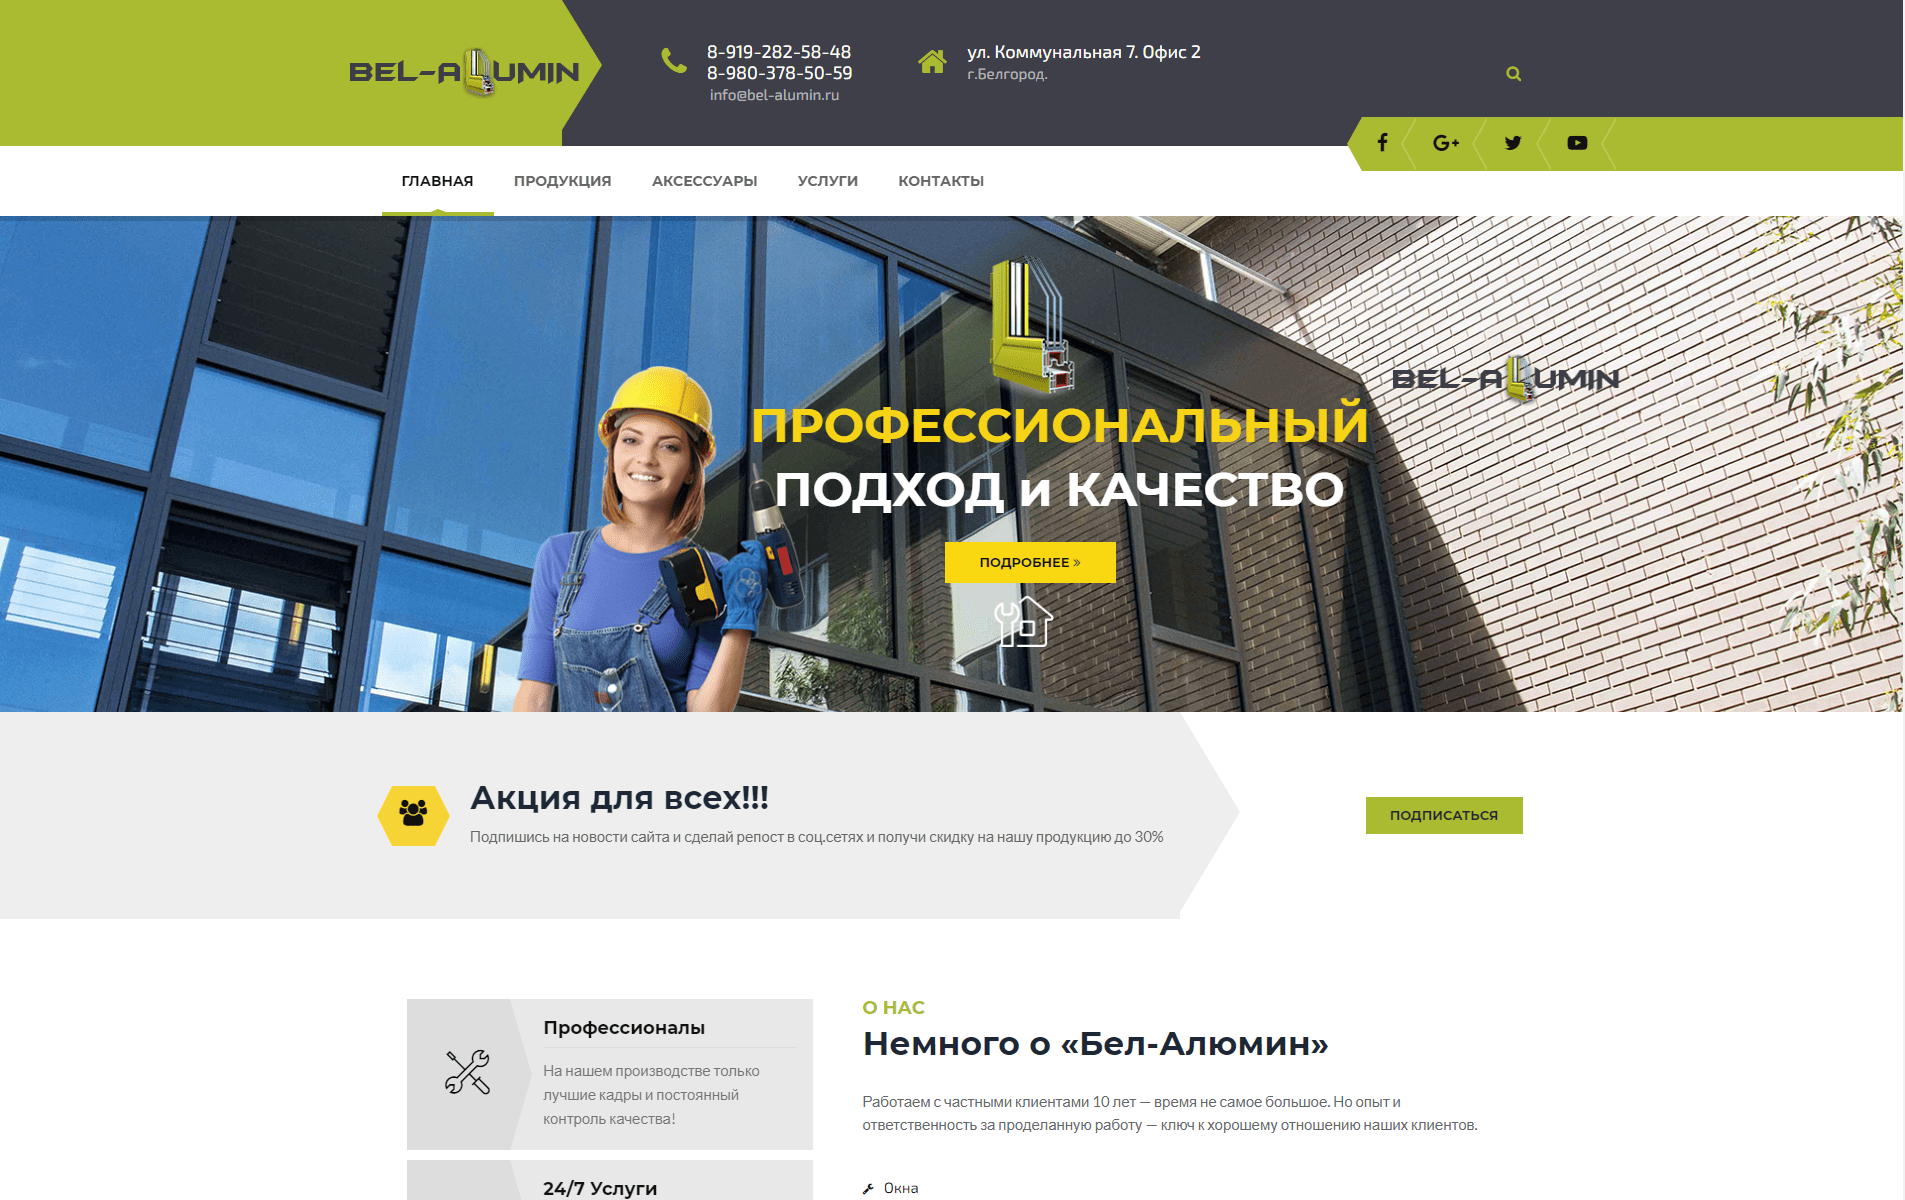 Bel-Alumin.ru